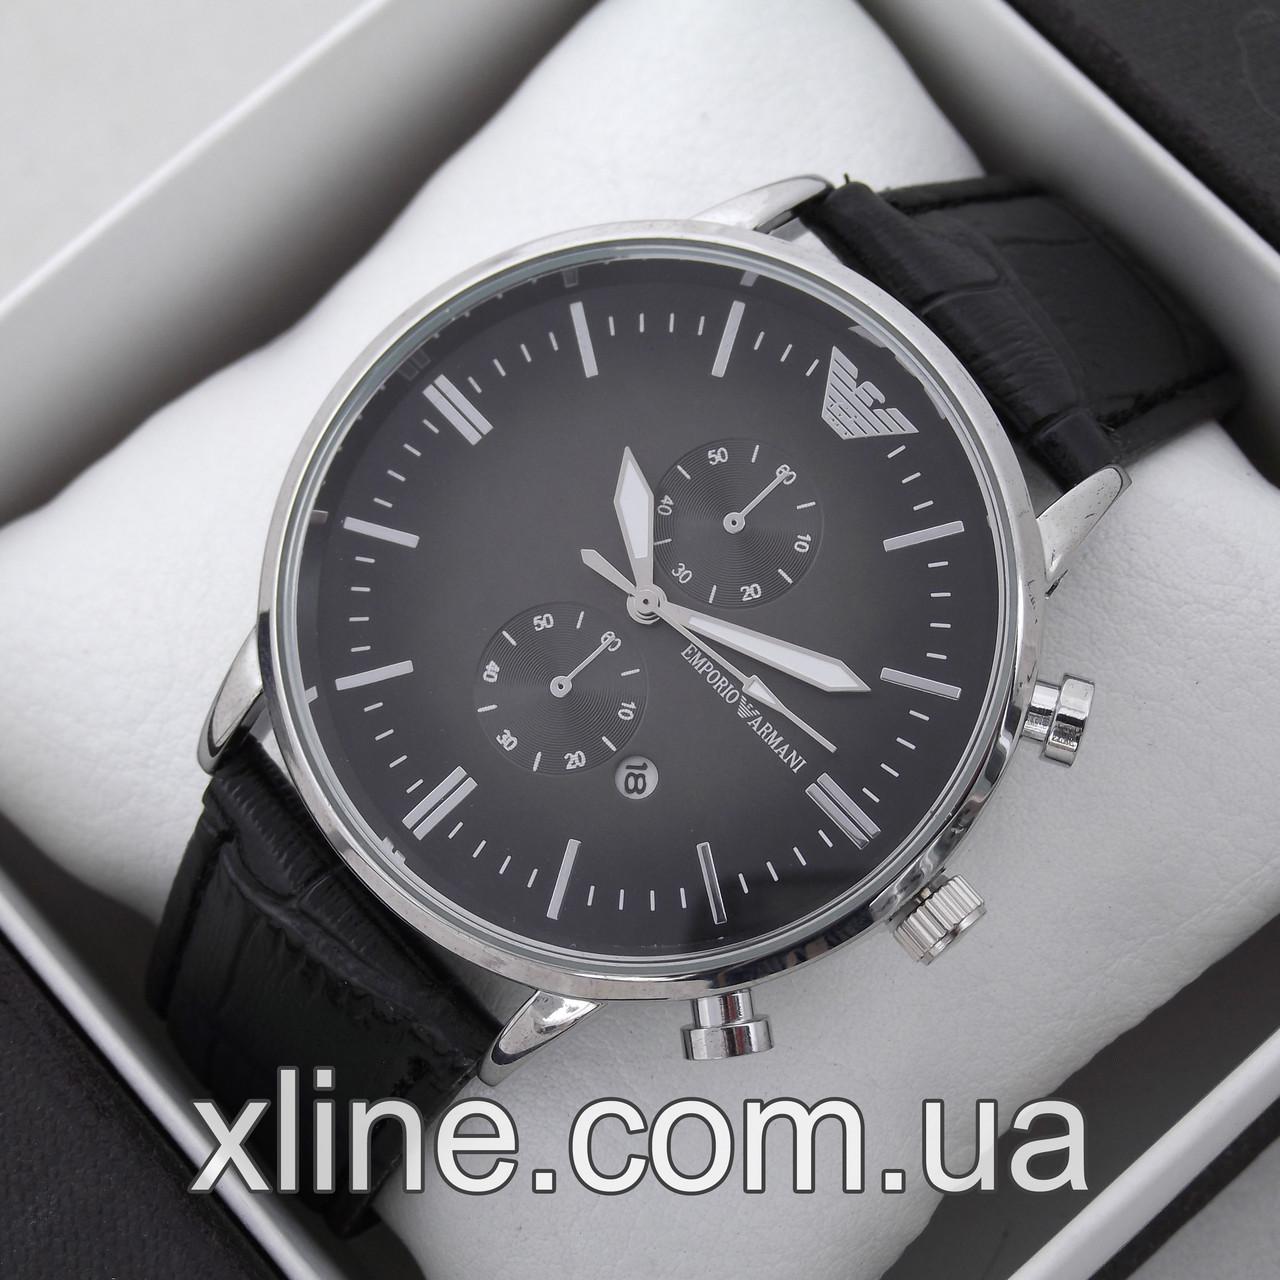 Мужские наручные часы Emporio Armani T142 на кожаном ремешке